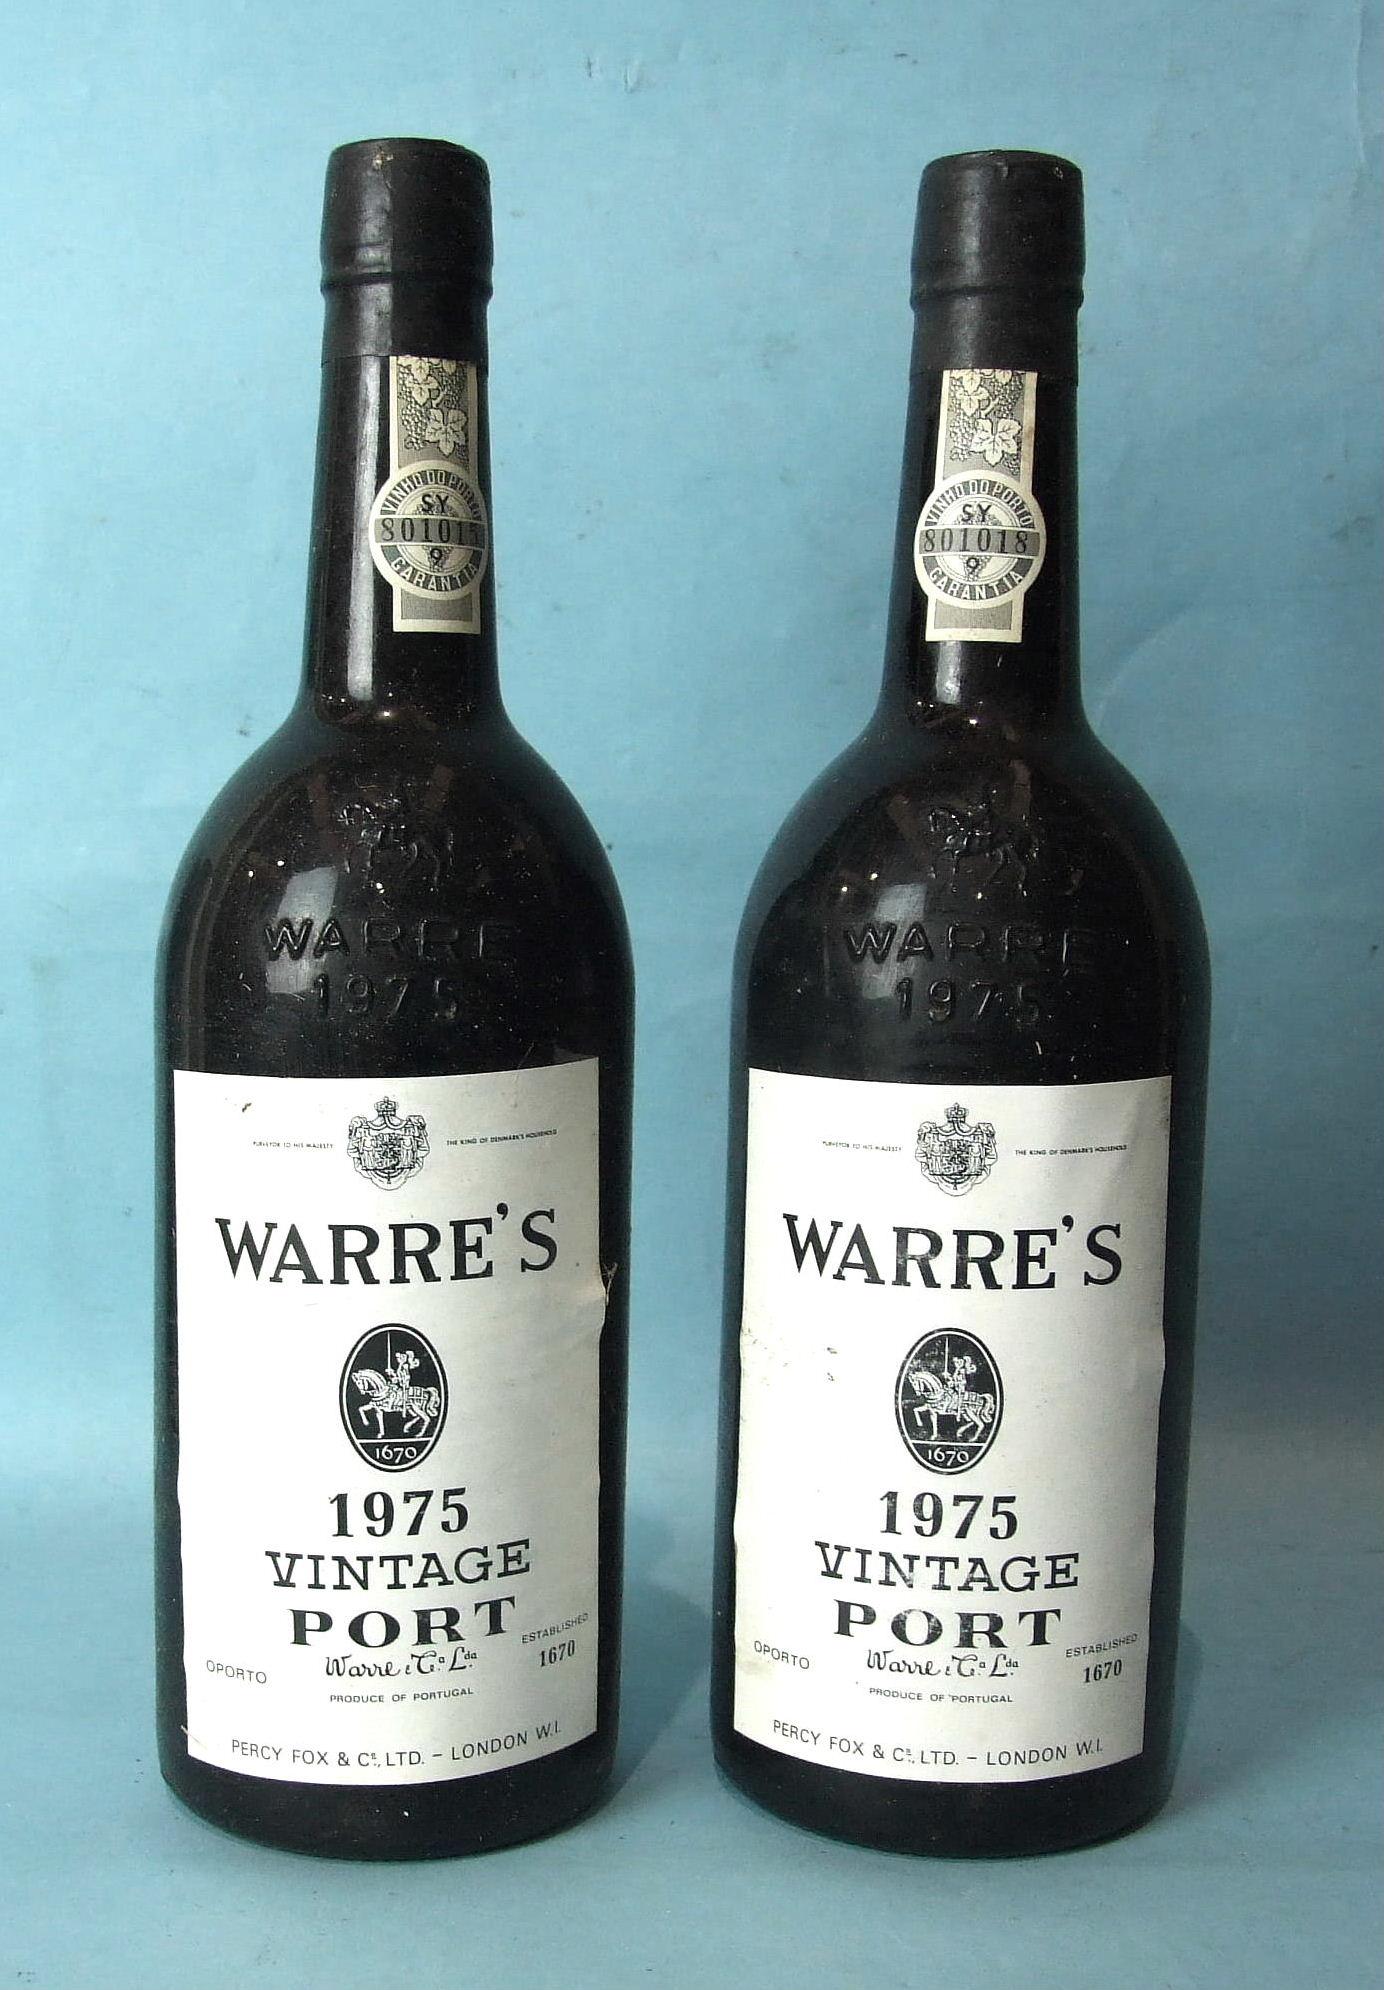 Lot 49 - Warres 1975 Vintage Port, two bottles.